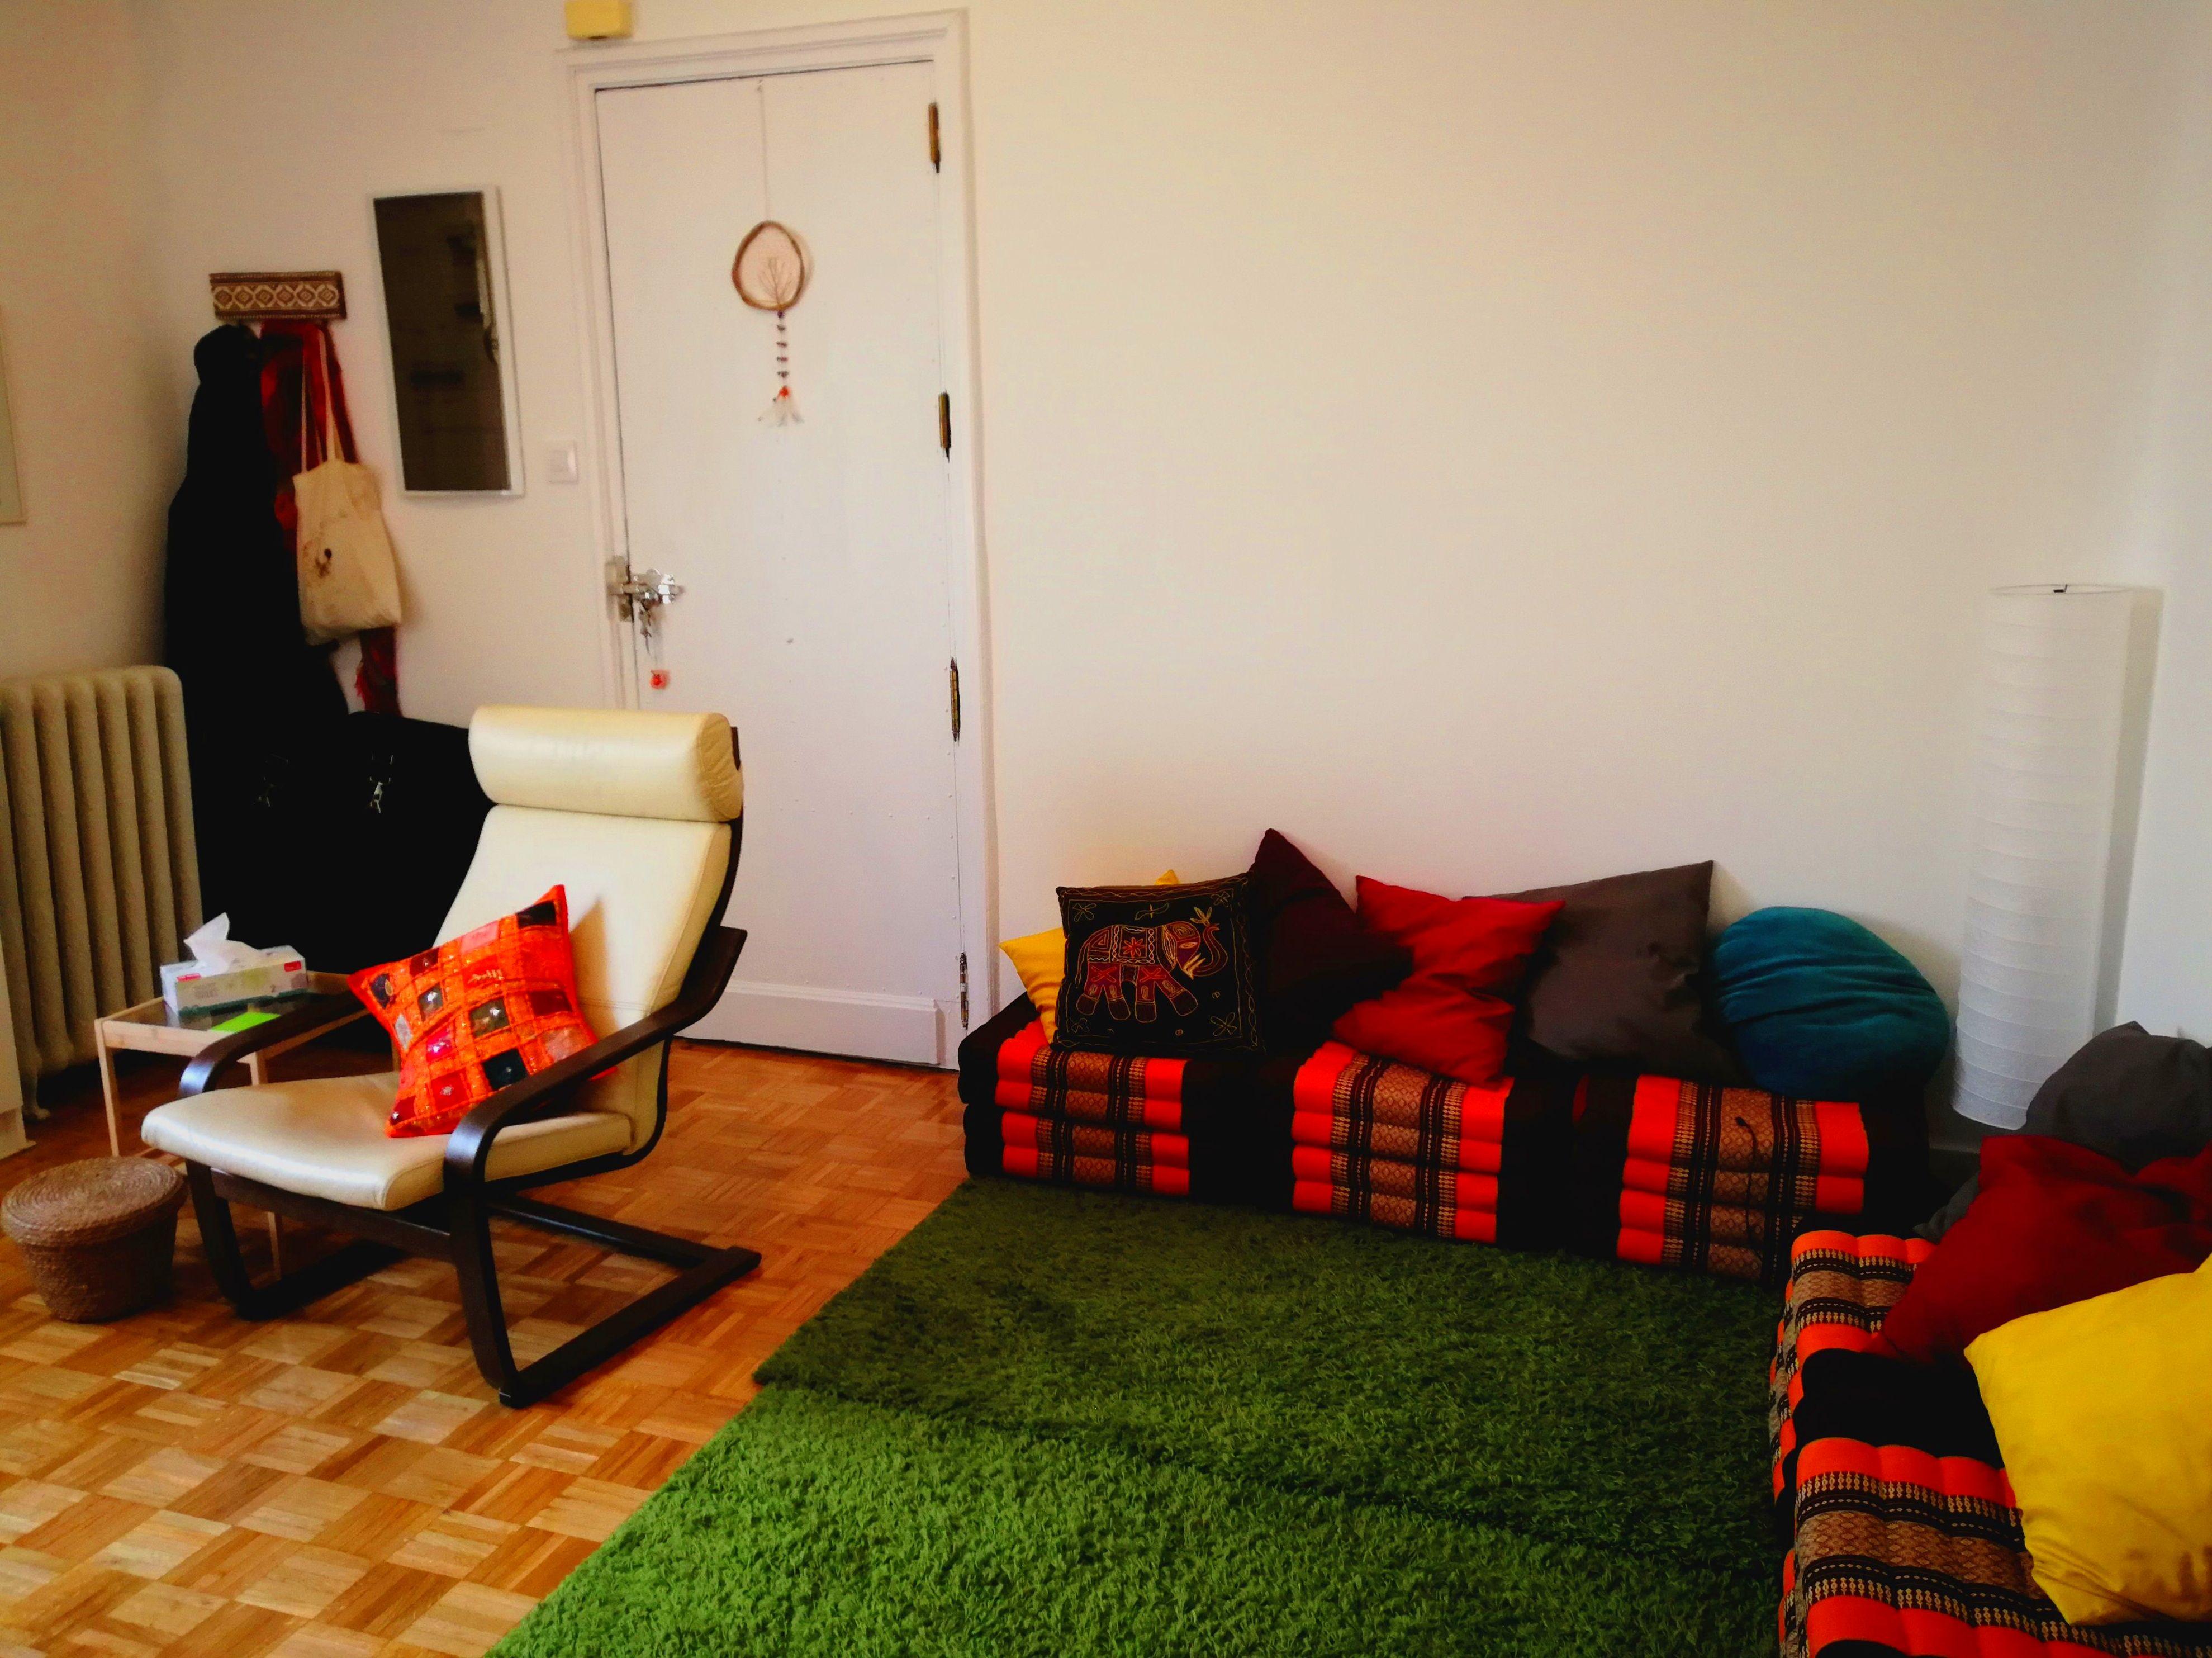 Foto 9 de Terapeuta en Madrid | Terapia Gestalt Integrativa